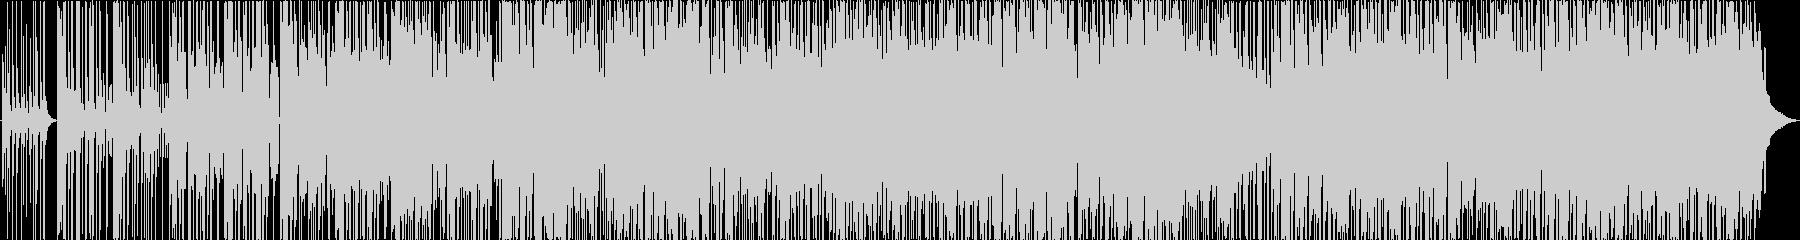 エレクトリックピアノ、ウクレレ、セ...の未再生の波形